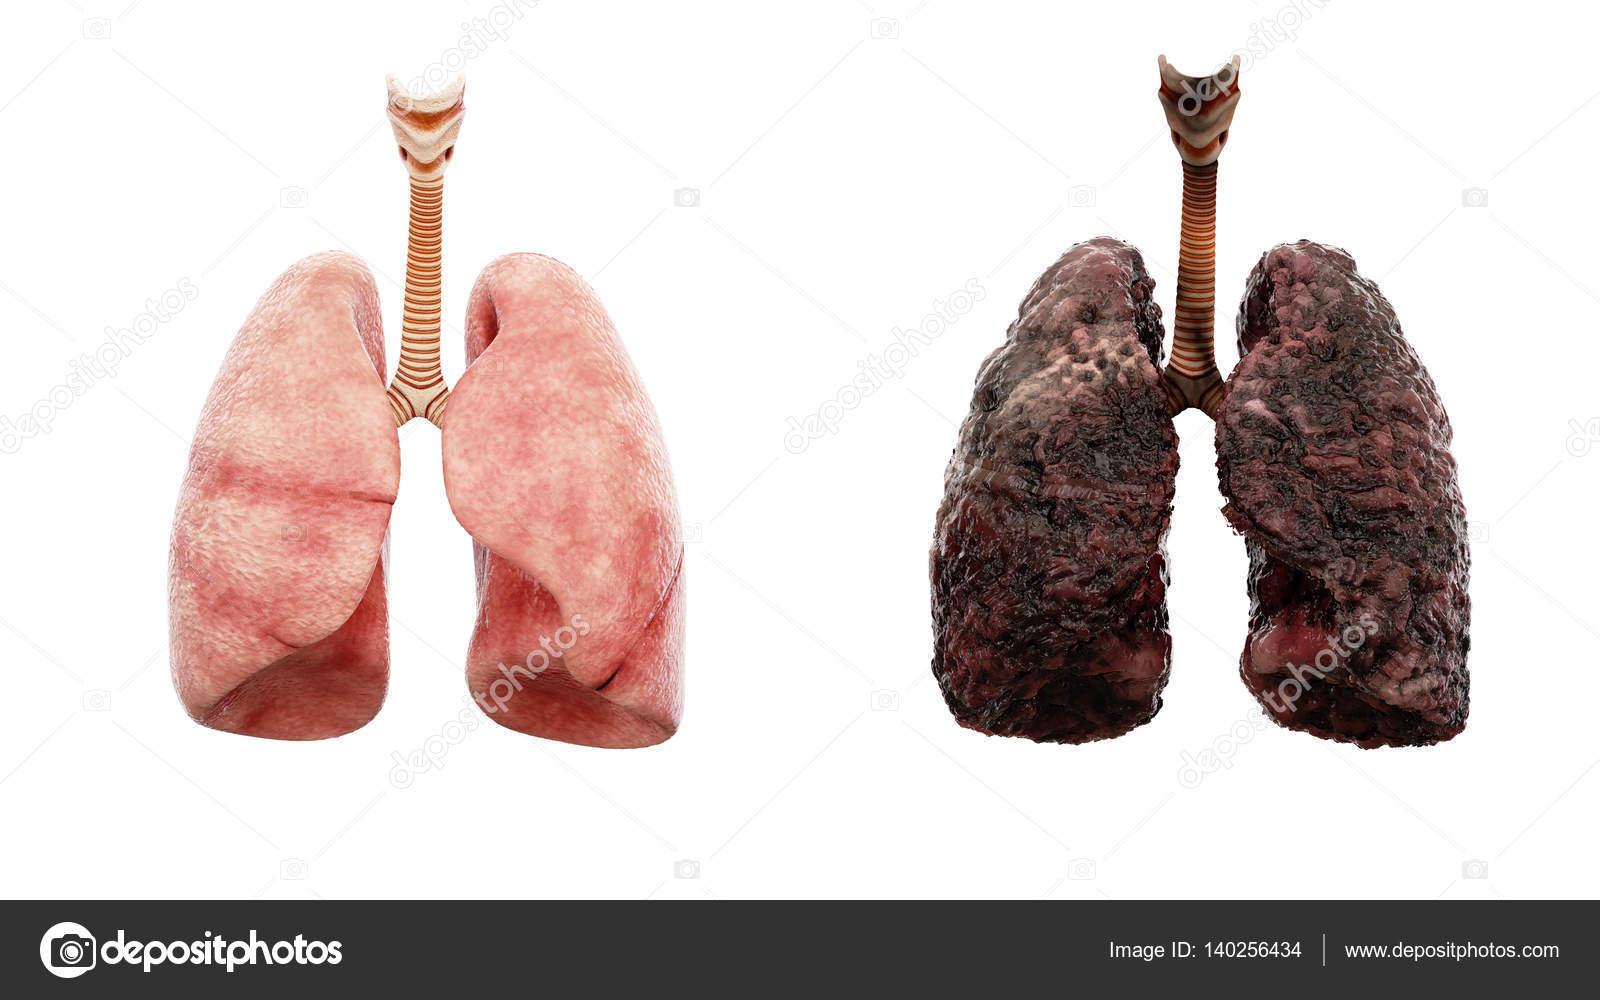 vad händer med lungorna när man röker